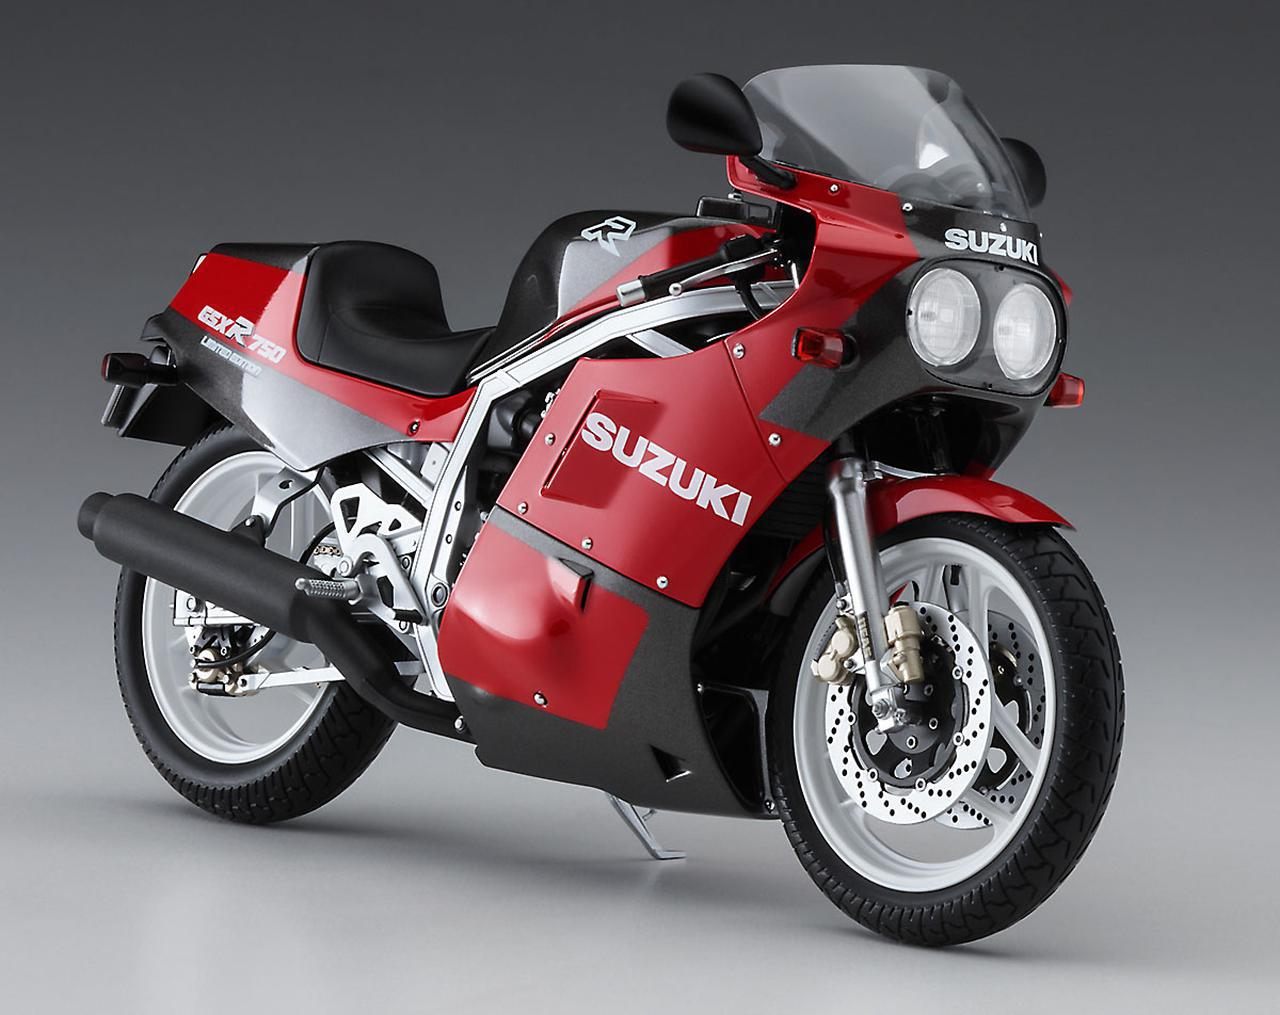 画像: 【新発売】見えないところもこだわって完全再現!スズキ『GSX-R750R』ヨシムラカラーの1/12スケールキットがカッコ良すぎるっ! - スズキのバイク!